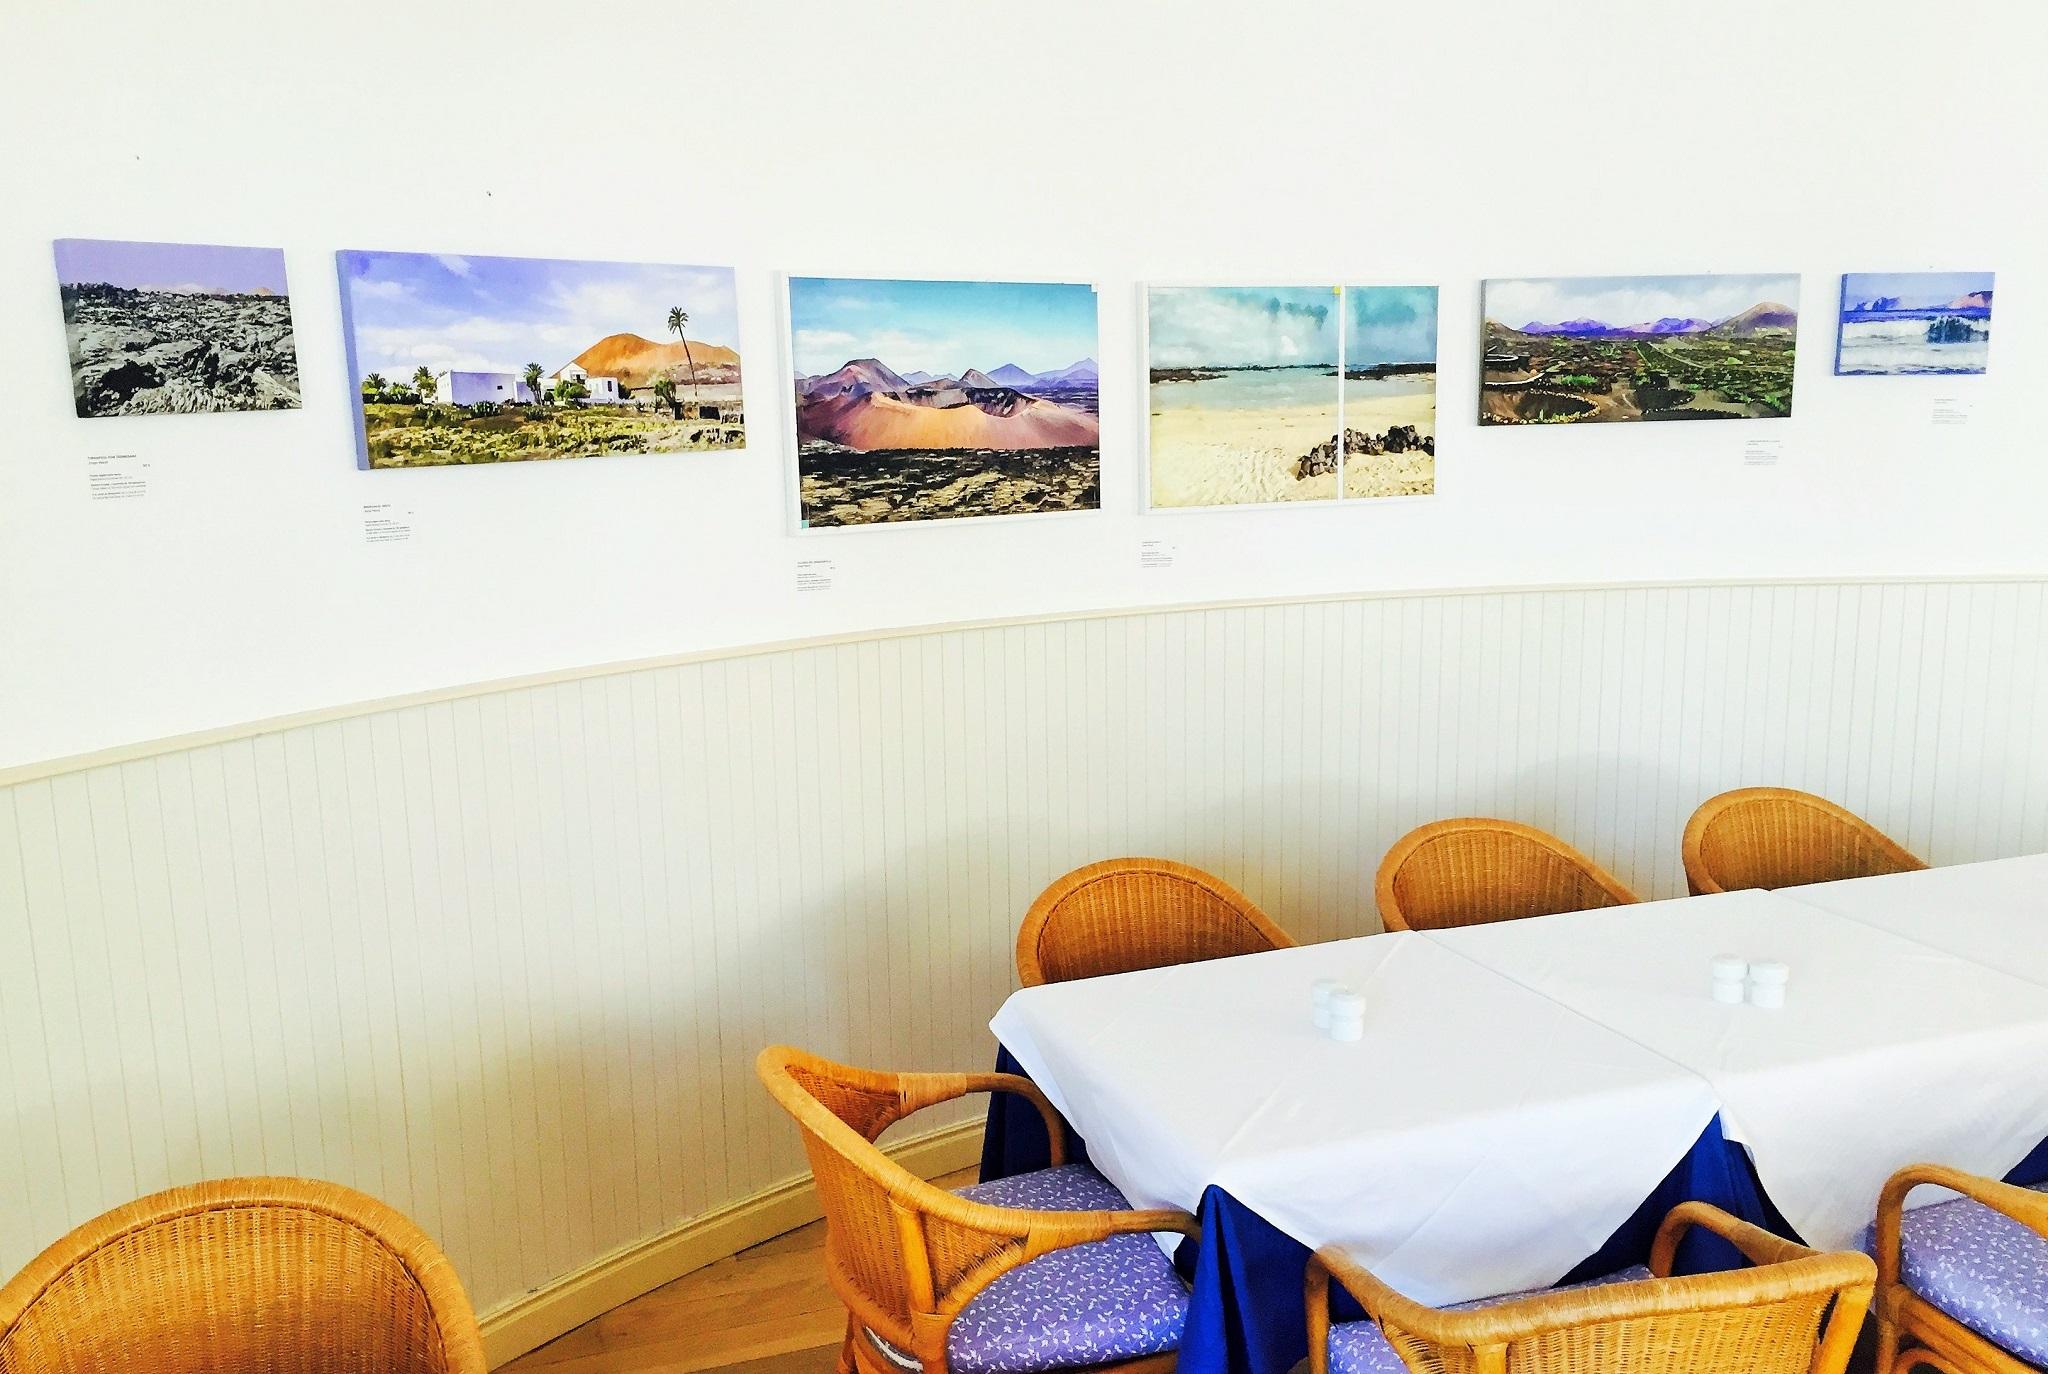 Jorge Marsá: Lanzarote 3 En Pintura en Restaurante Luis León Barcarola